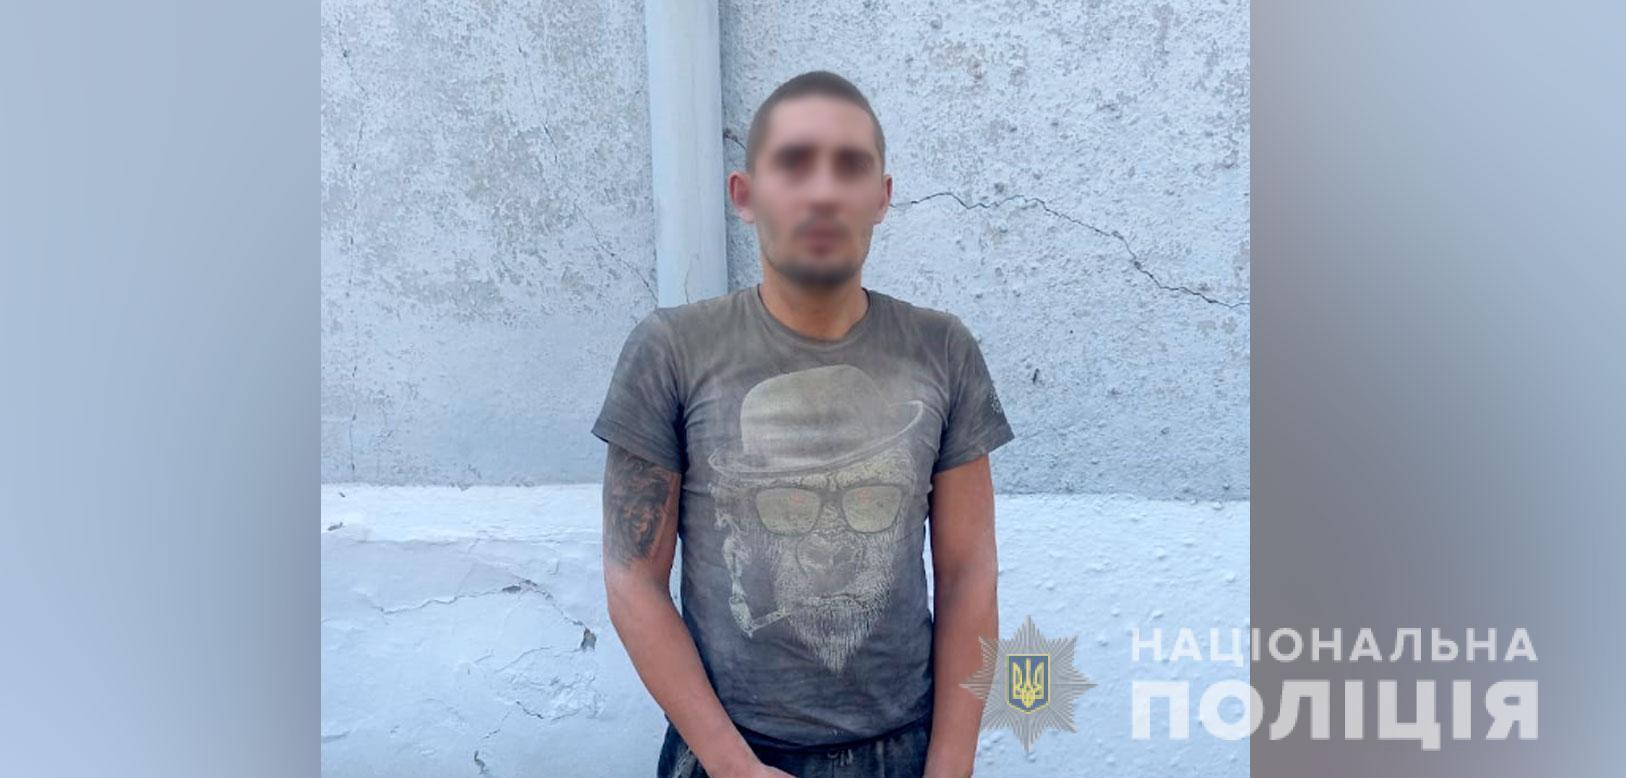 У вбивстві жительки Біленченківки підозрюють її чоловіка – Олексія Бєлоусова